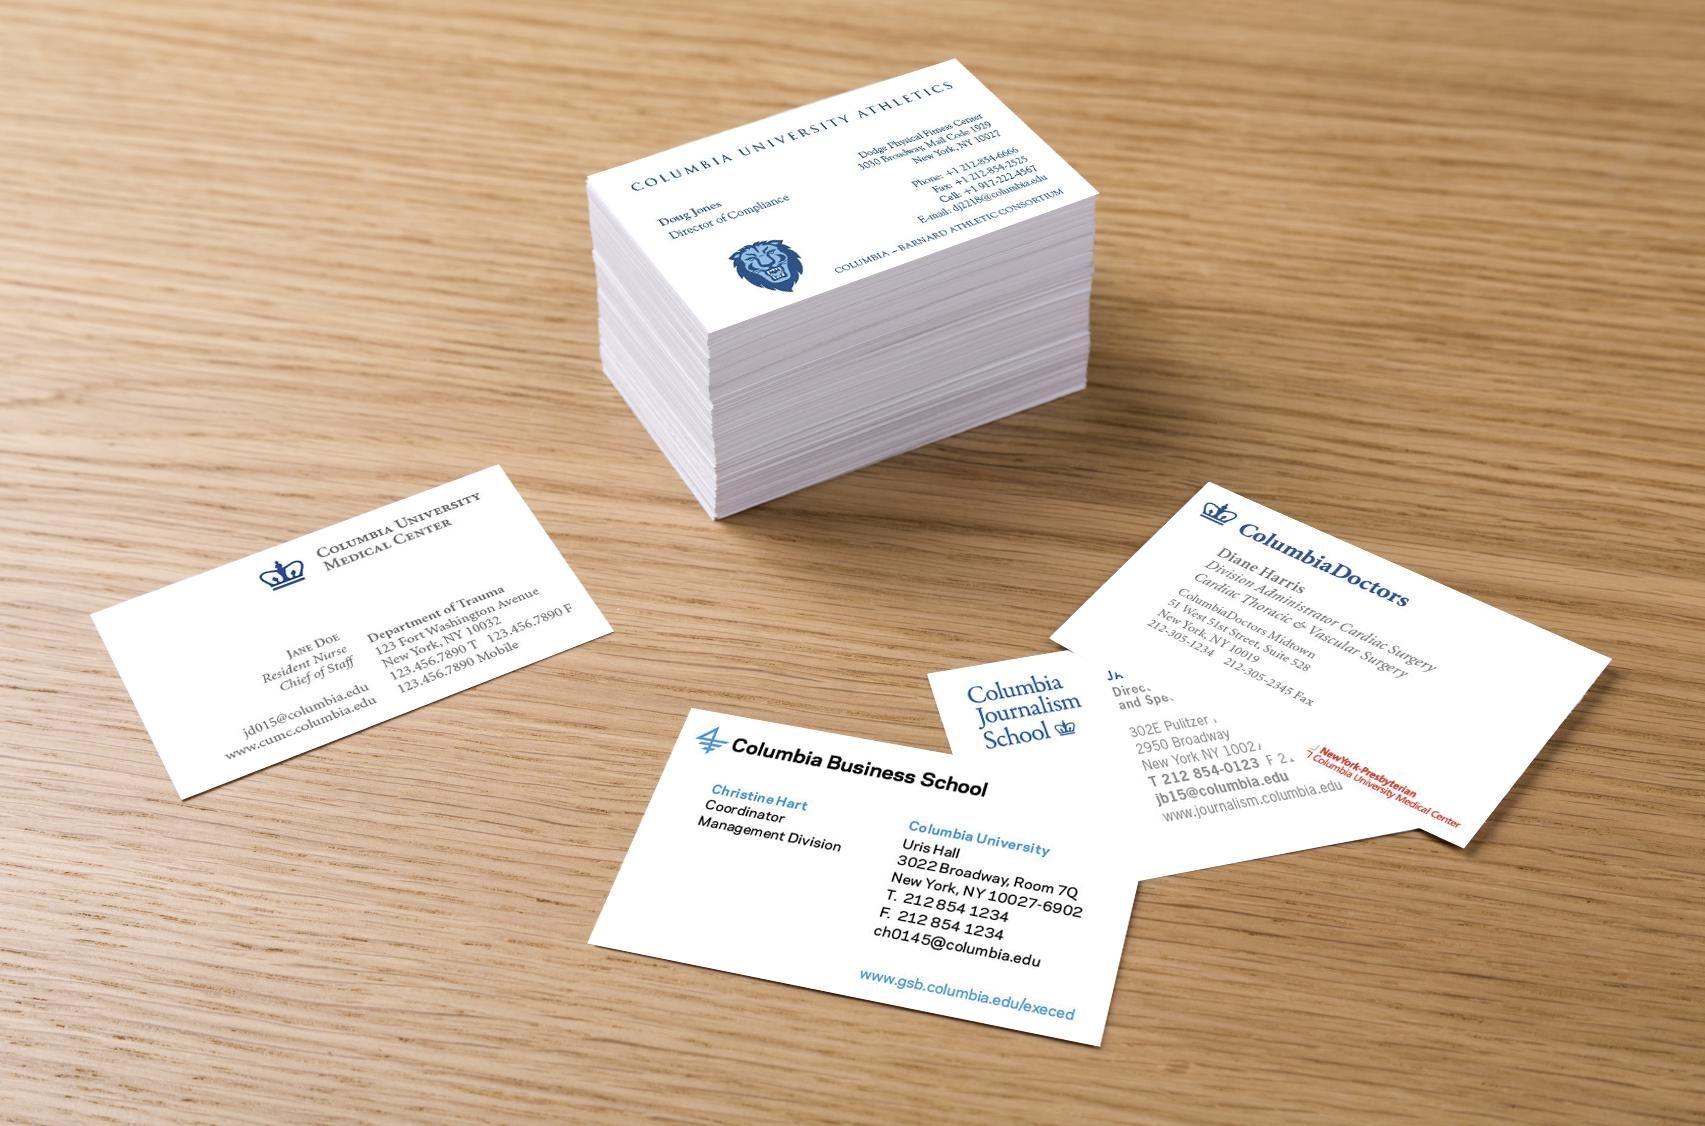 Drucken Sie Visitenkarten Kapstadt Plus Druckerei Für